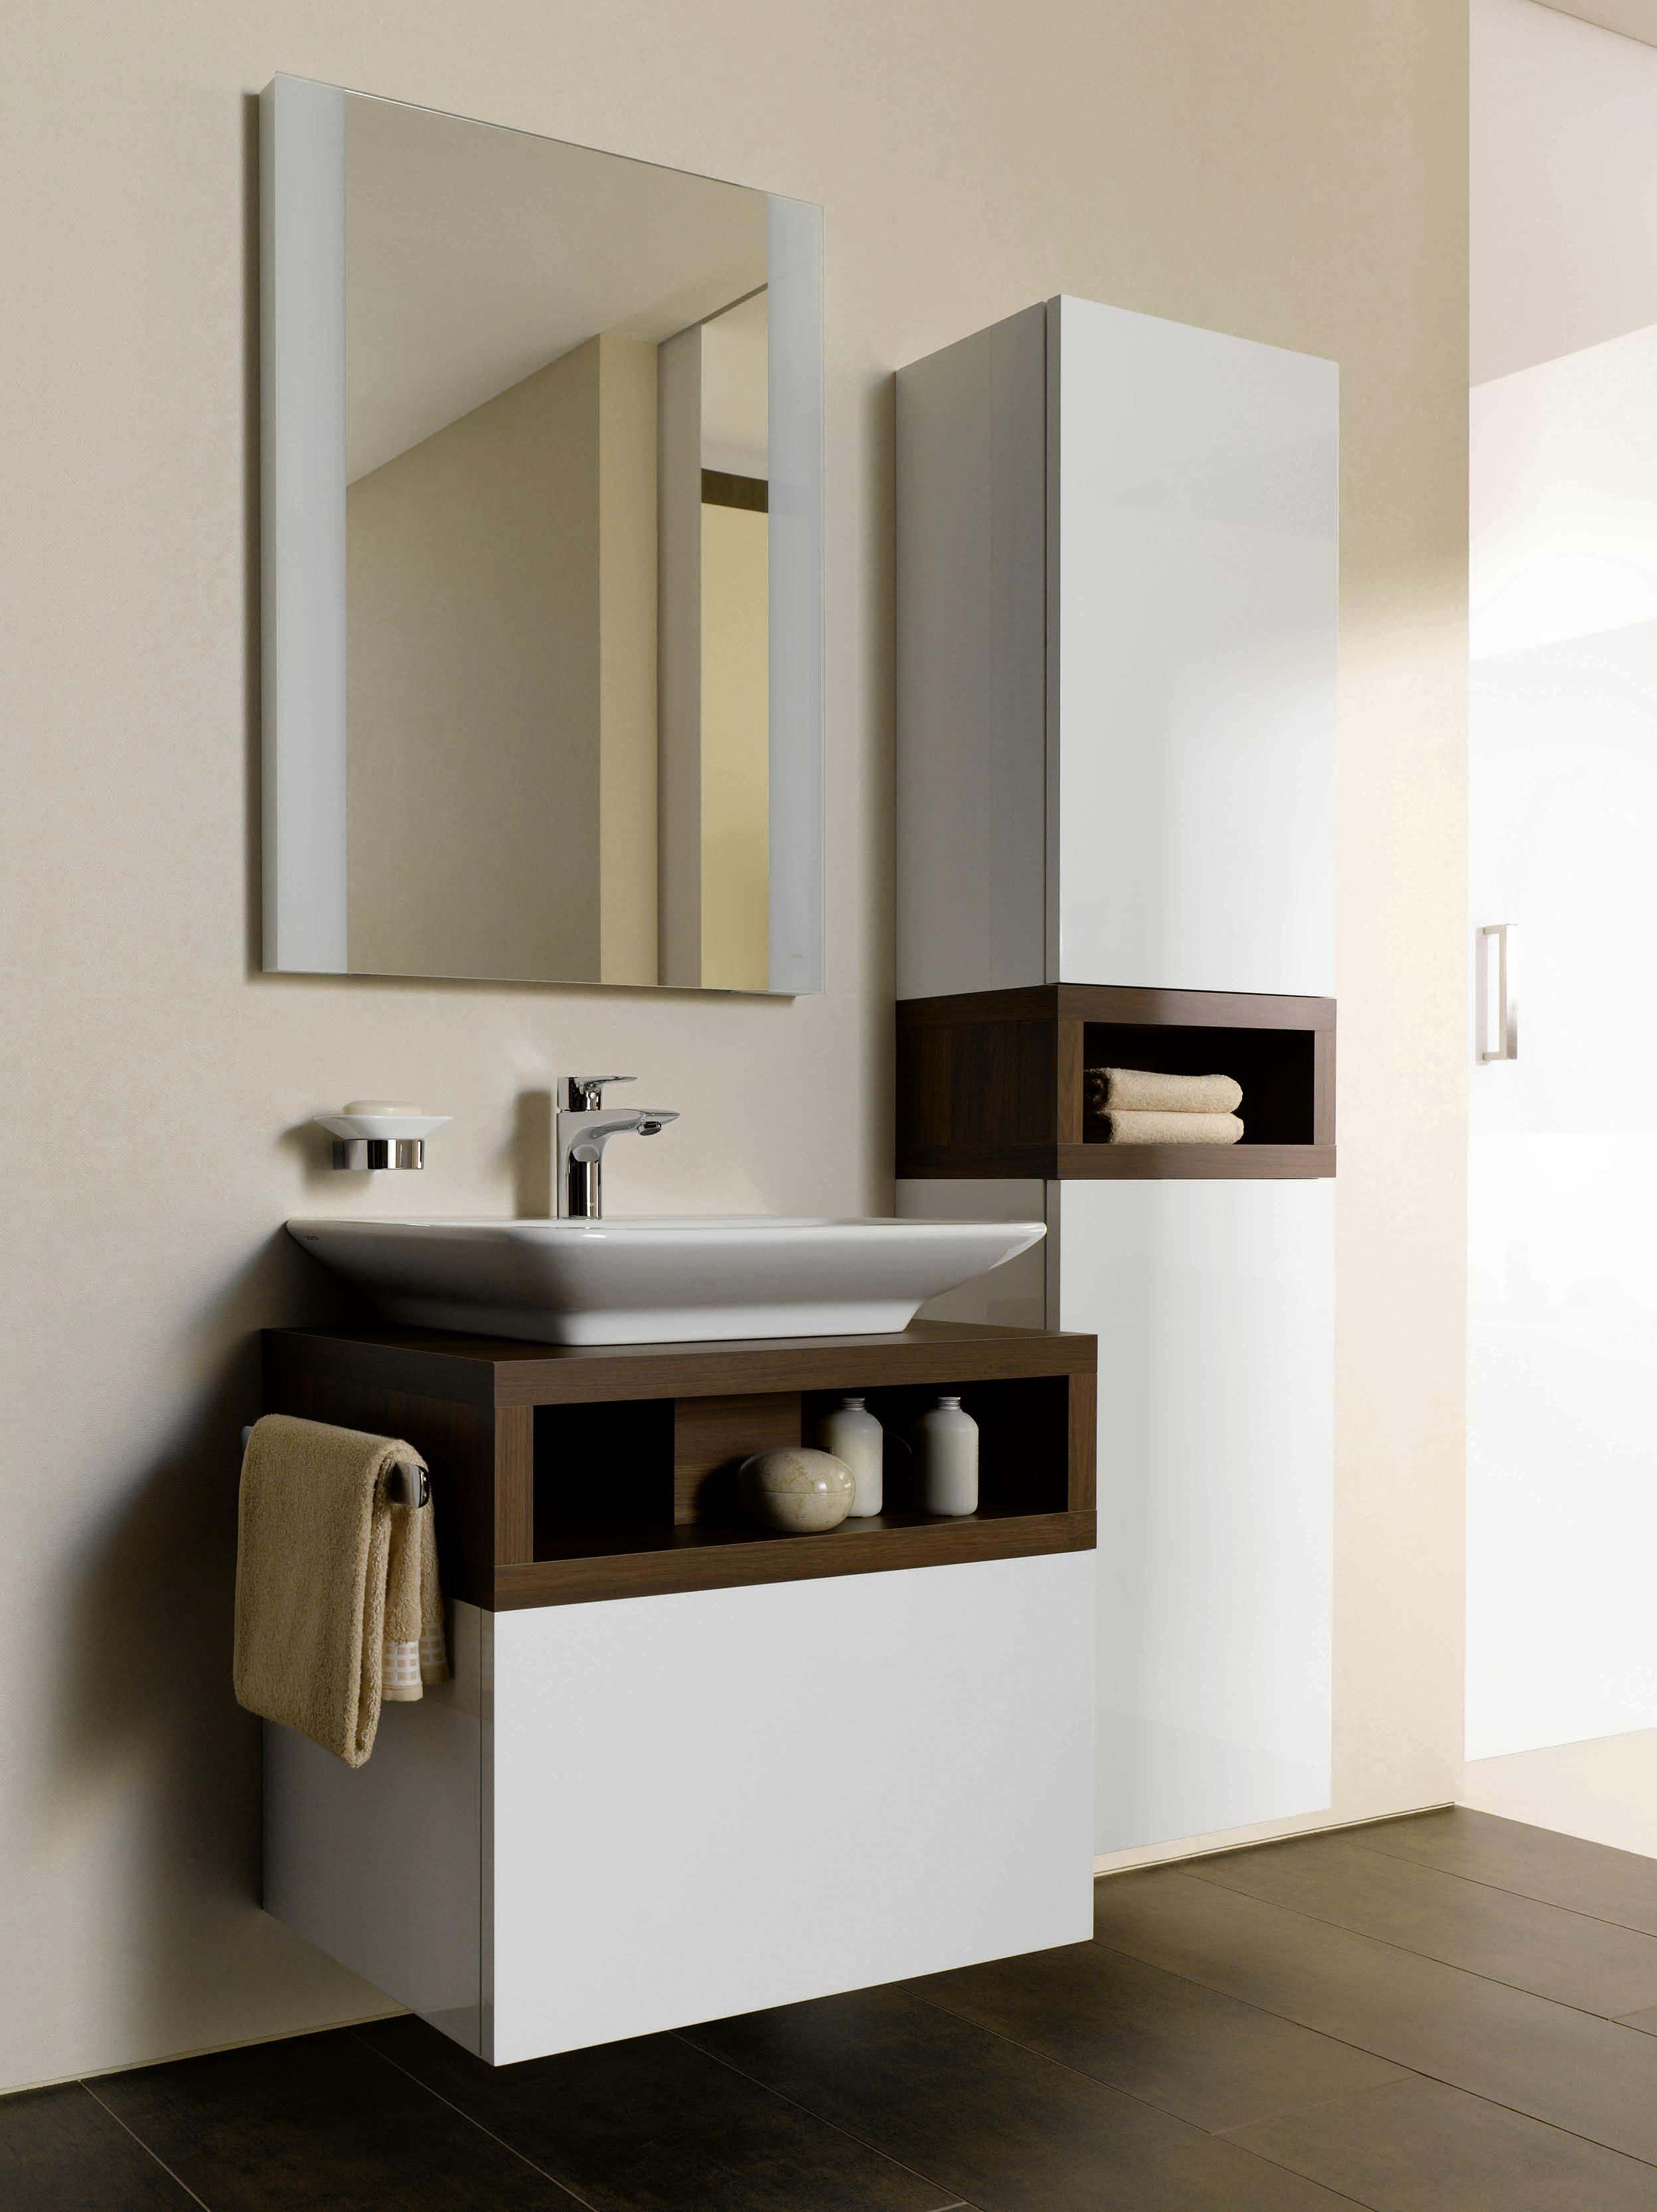 Toto Badmobel Kleines Bad Gestalten Badgestaltung Badezimmereinrichtung